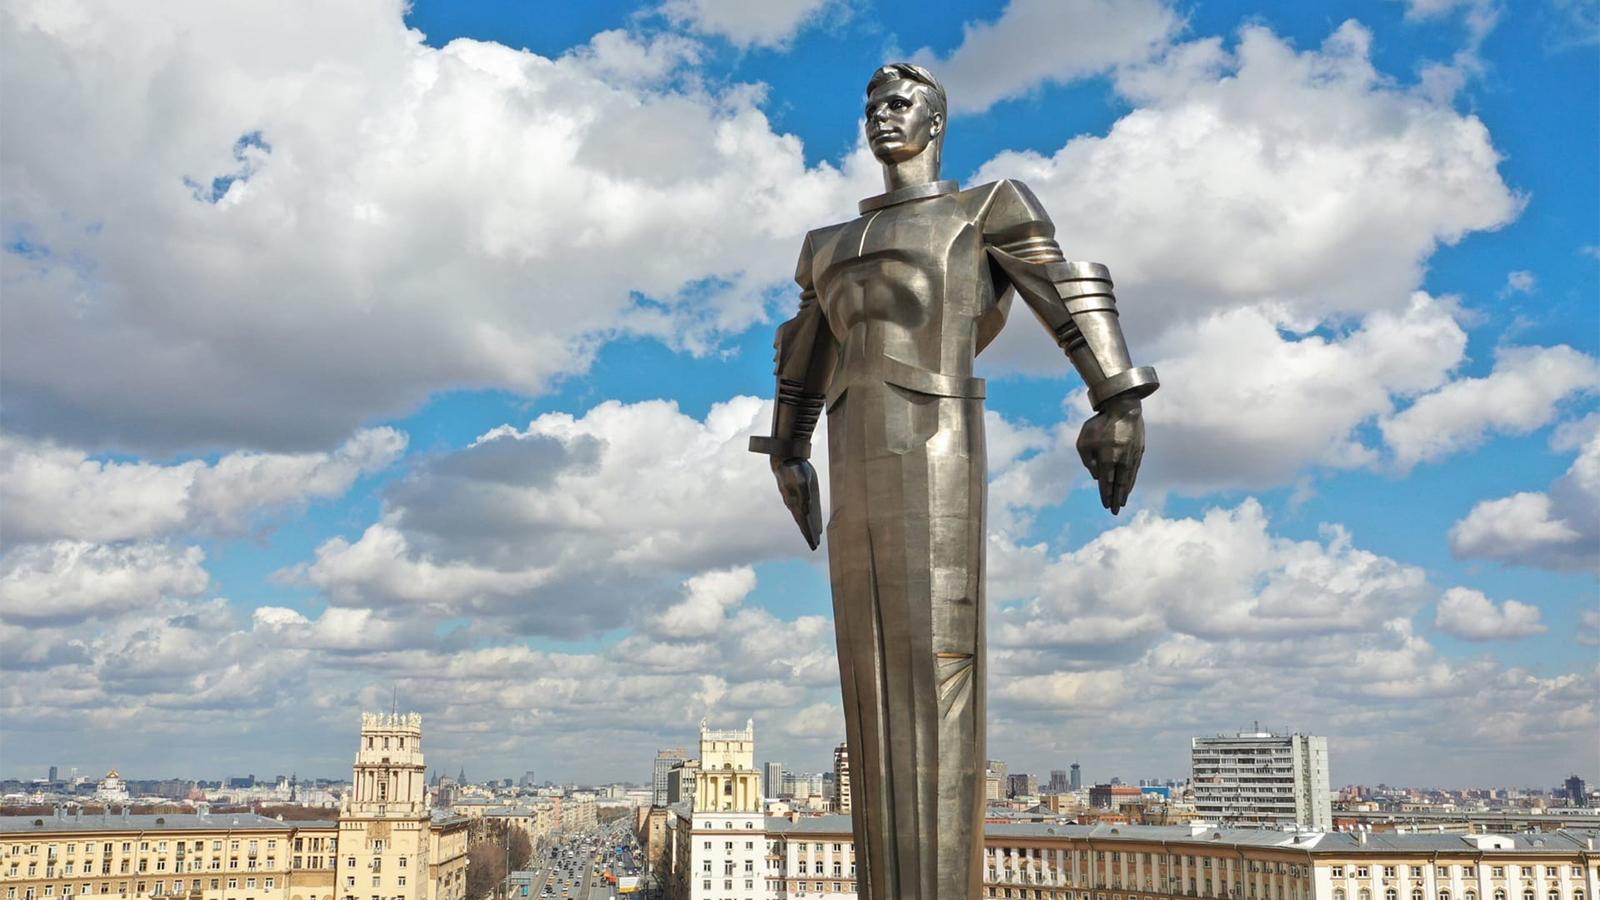 Сергей Собянин поздравил москвичей с Днем космонавтики